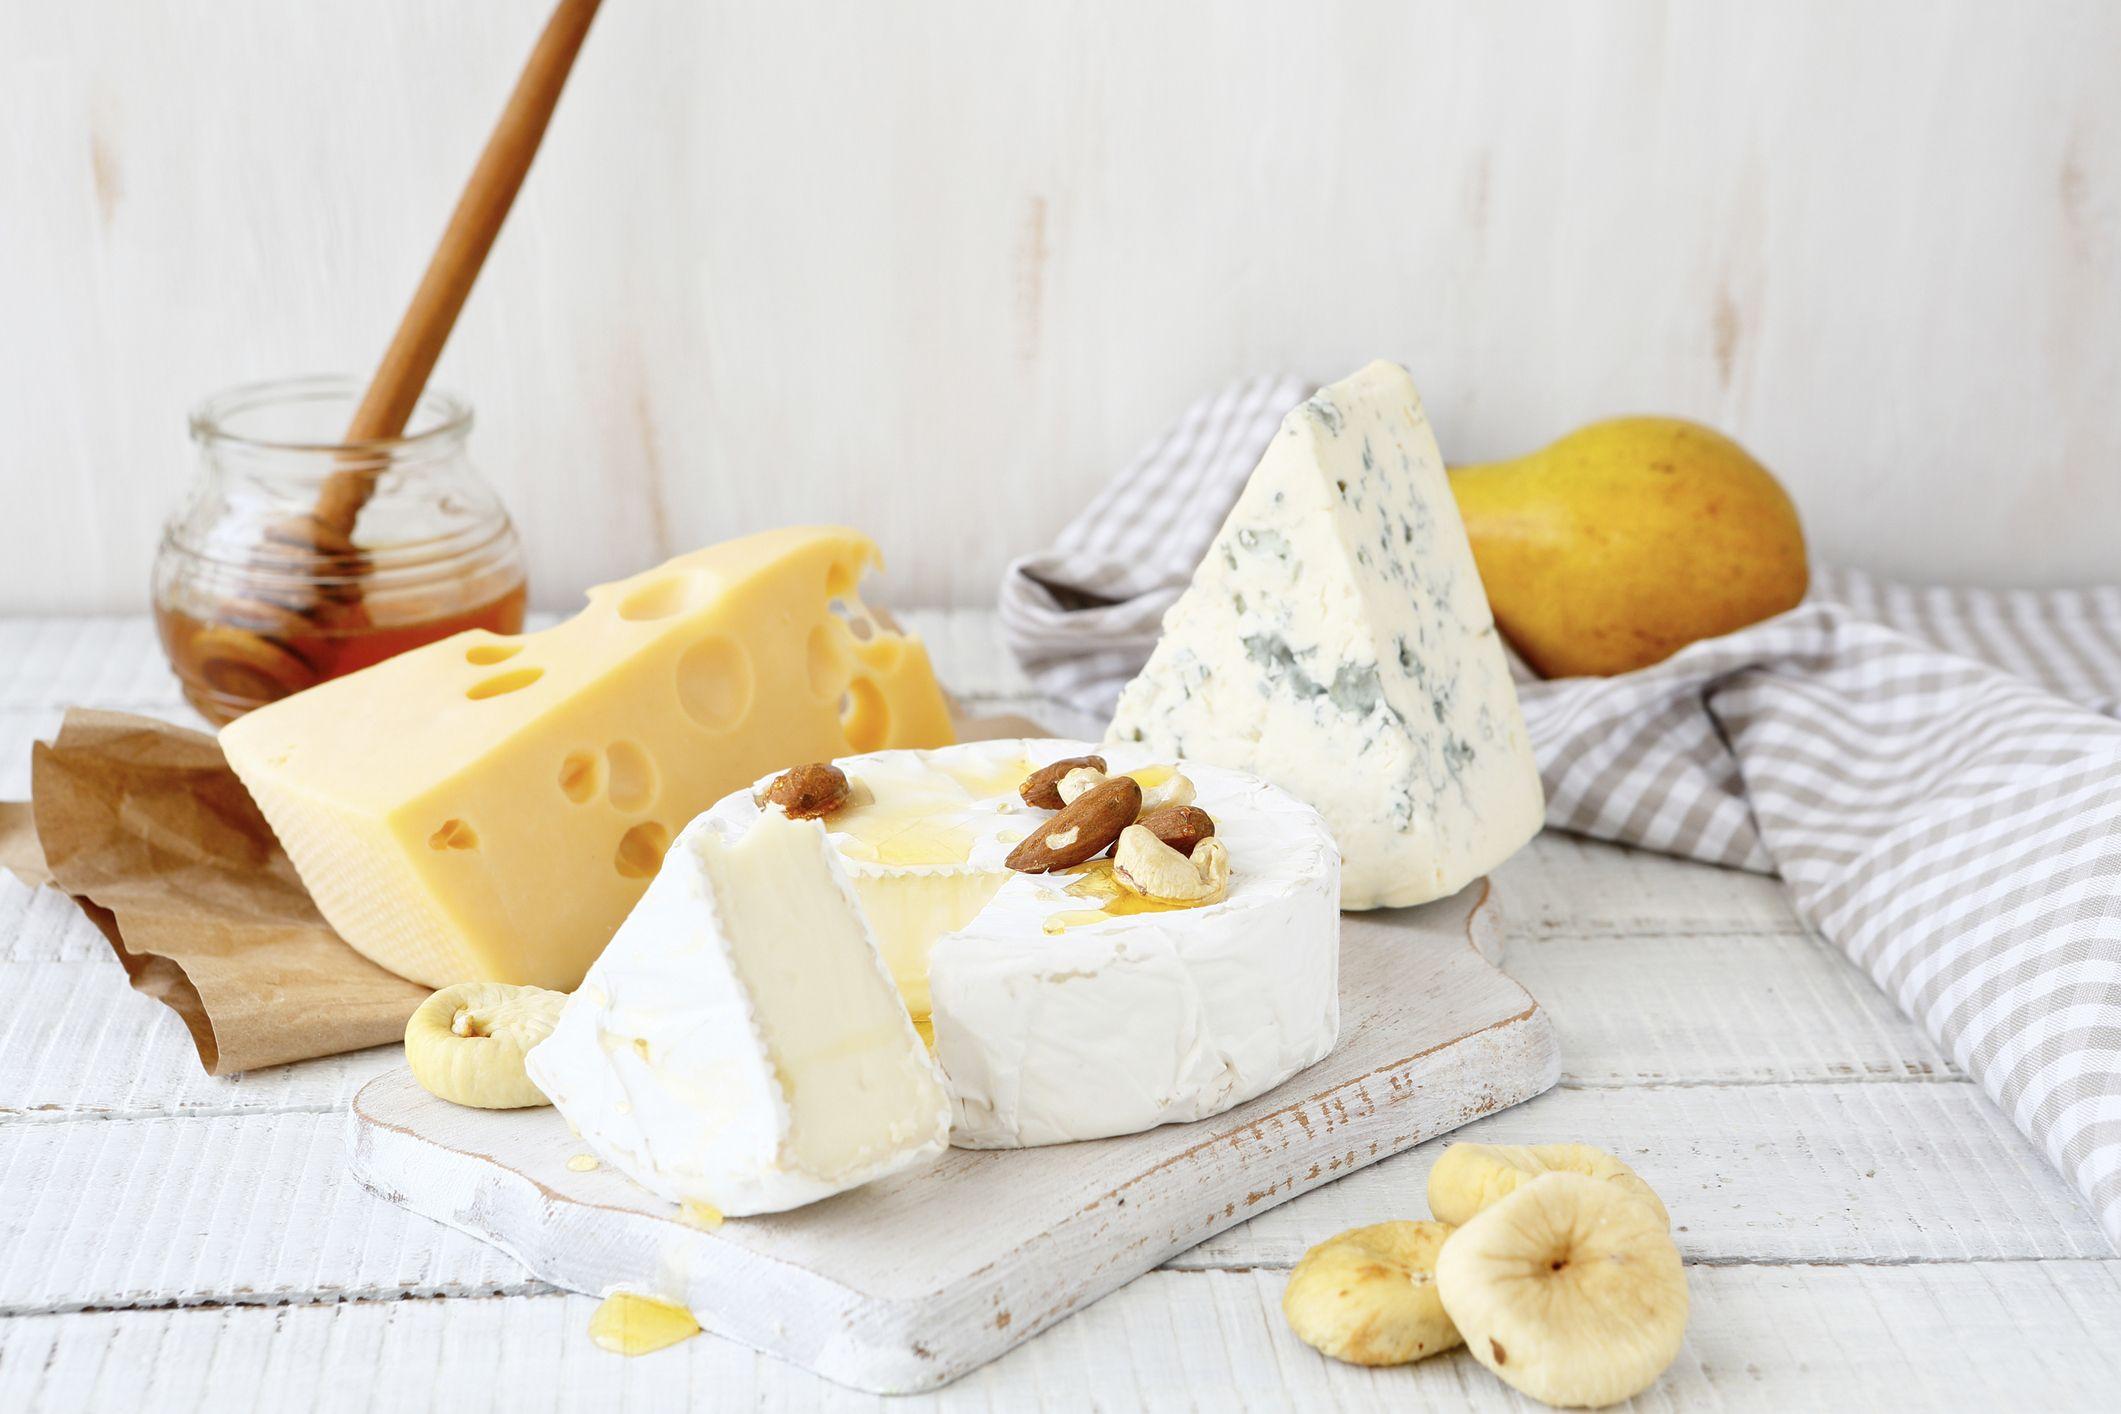 Вкусная Диета На Сыре. Сырная диета для похудения. Минус 7 кг за 10 дней